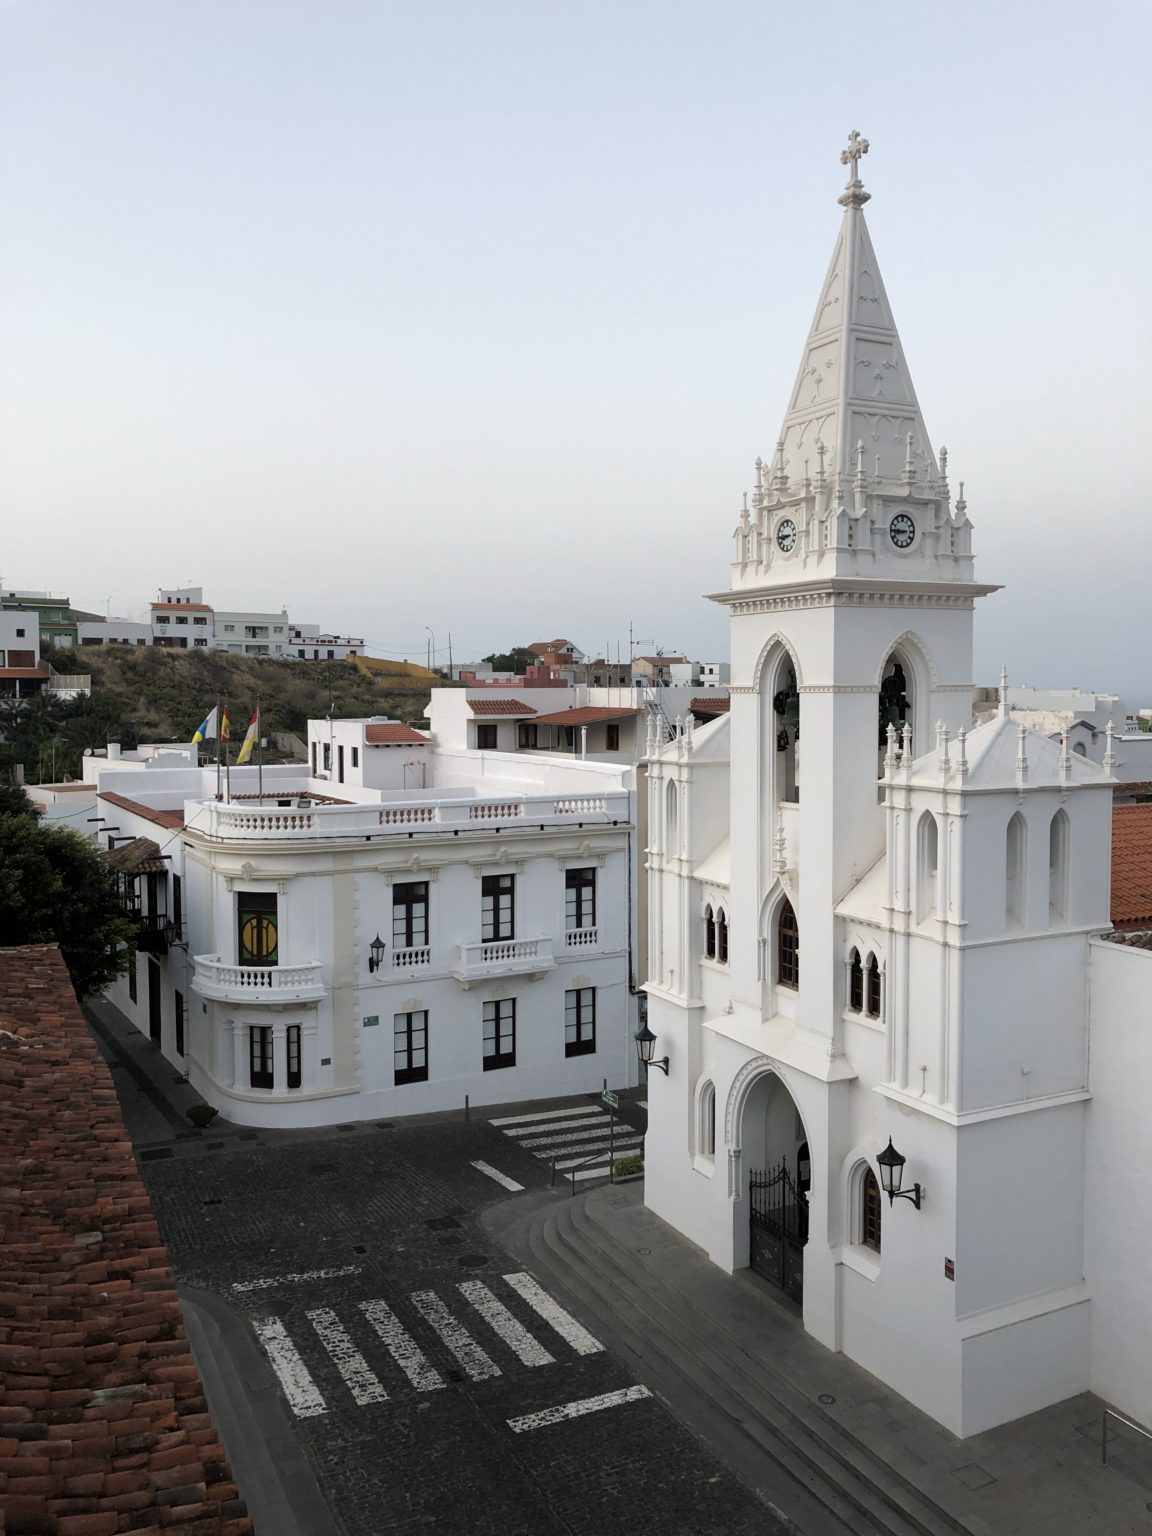 Los Silos es un pequeño pueblo situado en la vertiente Noroeste de la isla de Tenerife